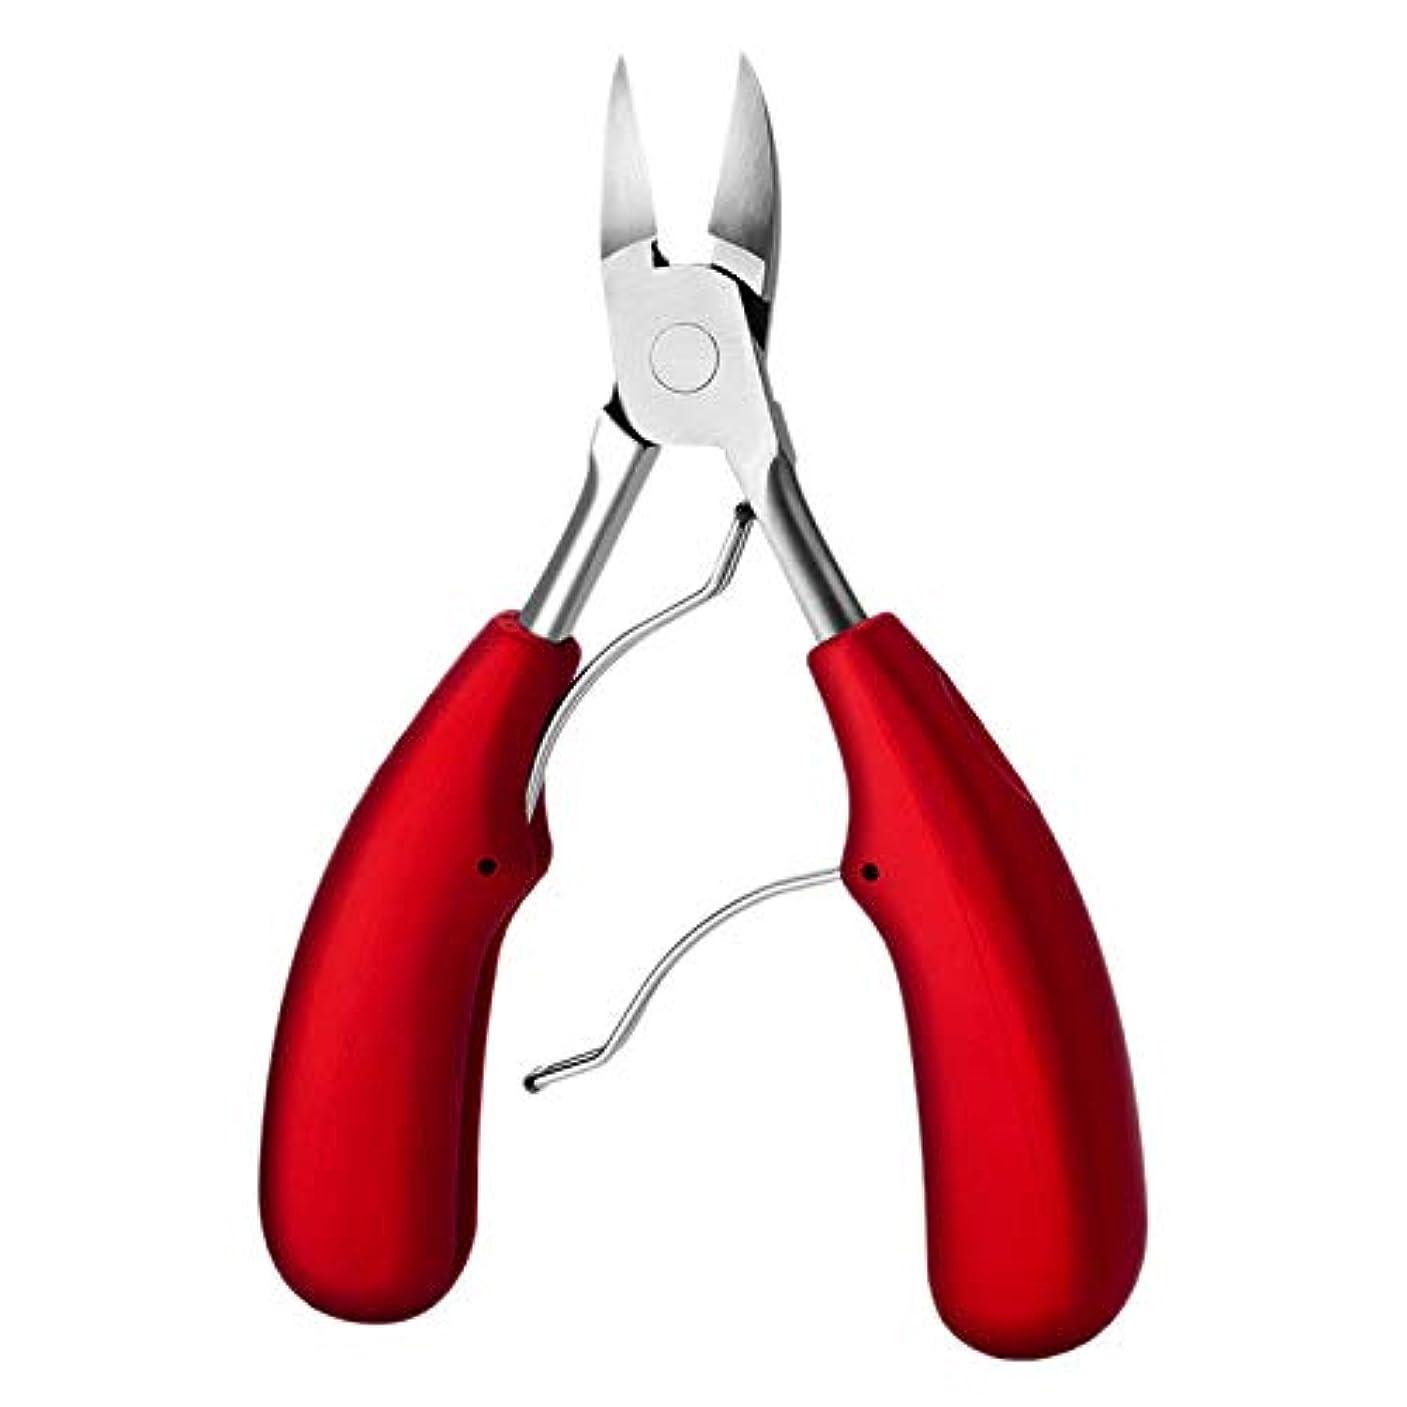 練習鉛自我TOOGOO 新型つま先ツメ切り、2ピース、ネイルの修正用ニッパー、クリッパー、カッター、死んだ皮膚汚れのリムーバー、足病治療、ペディキュアケアツール、赤色